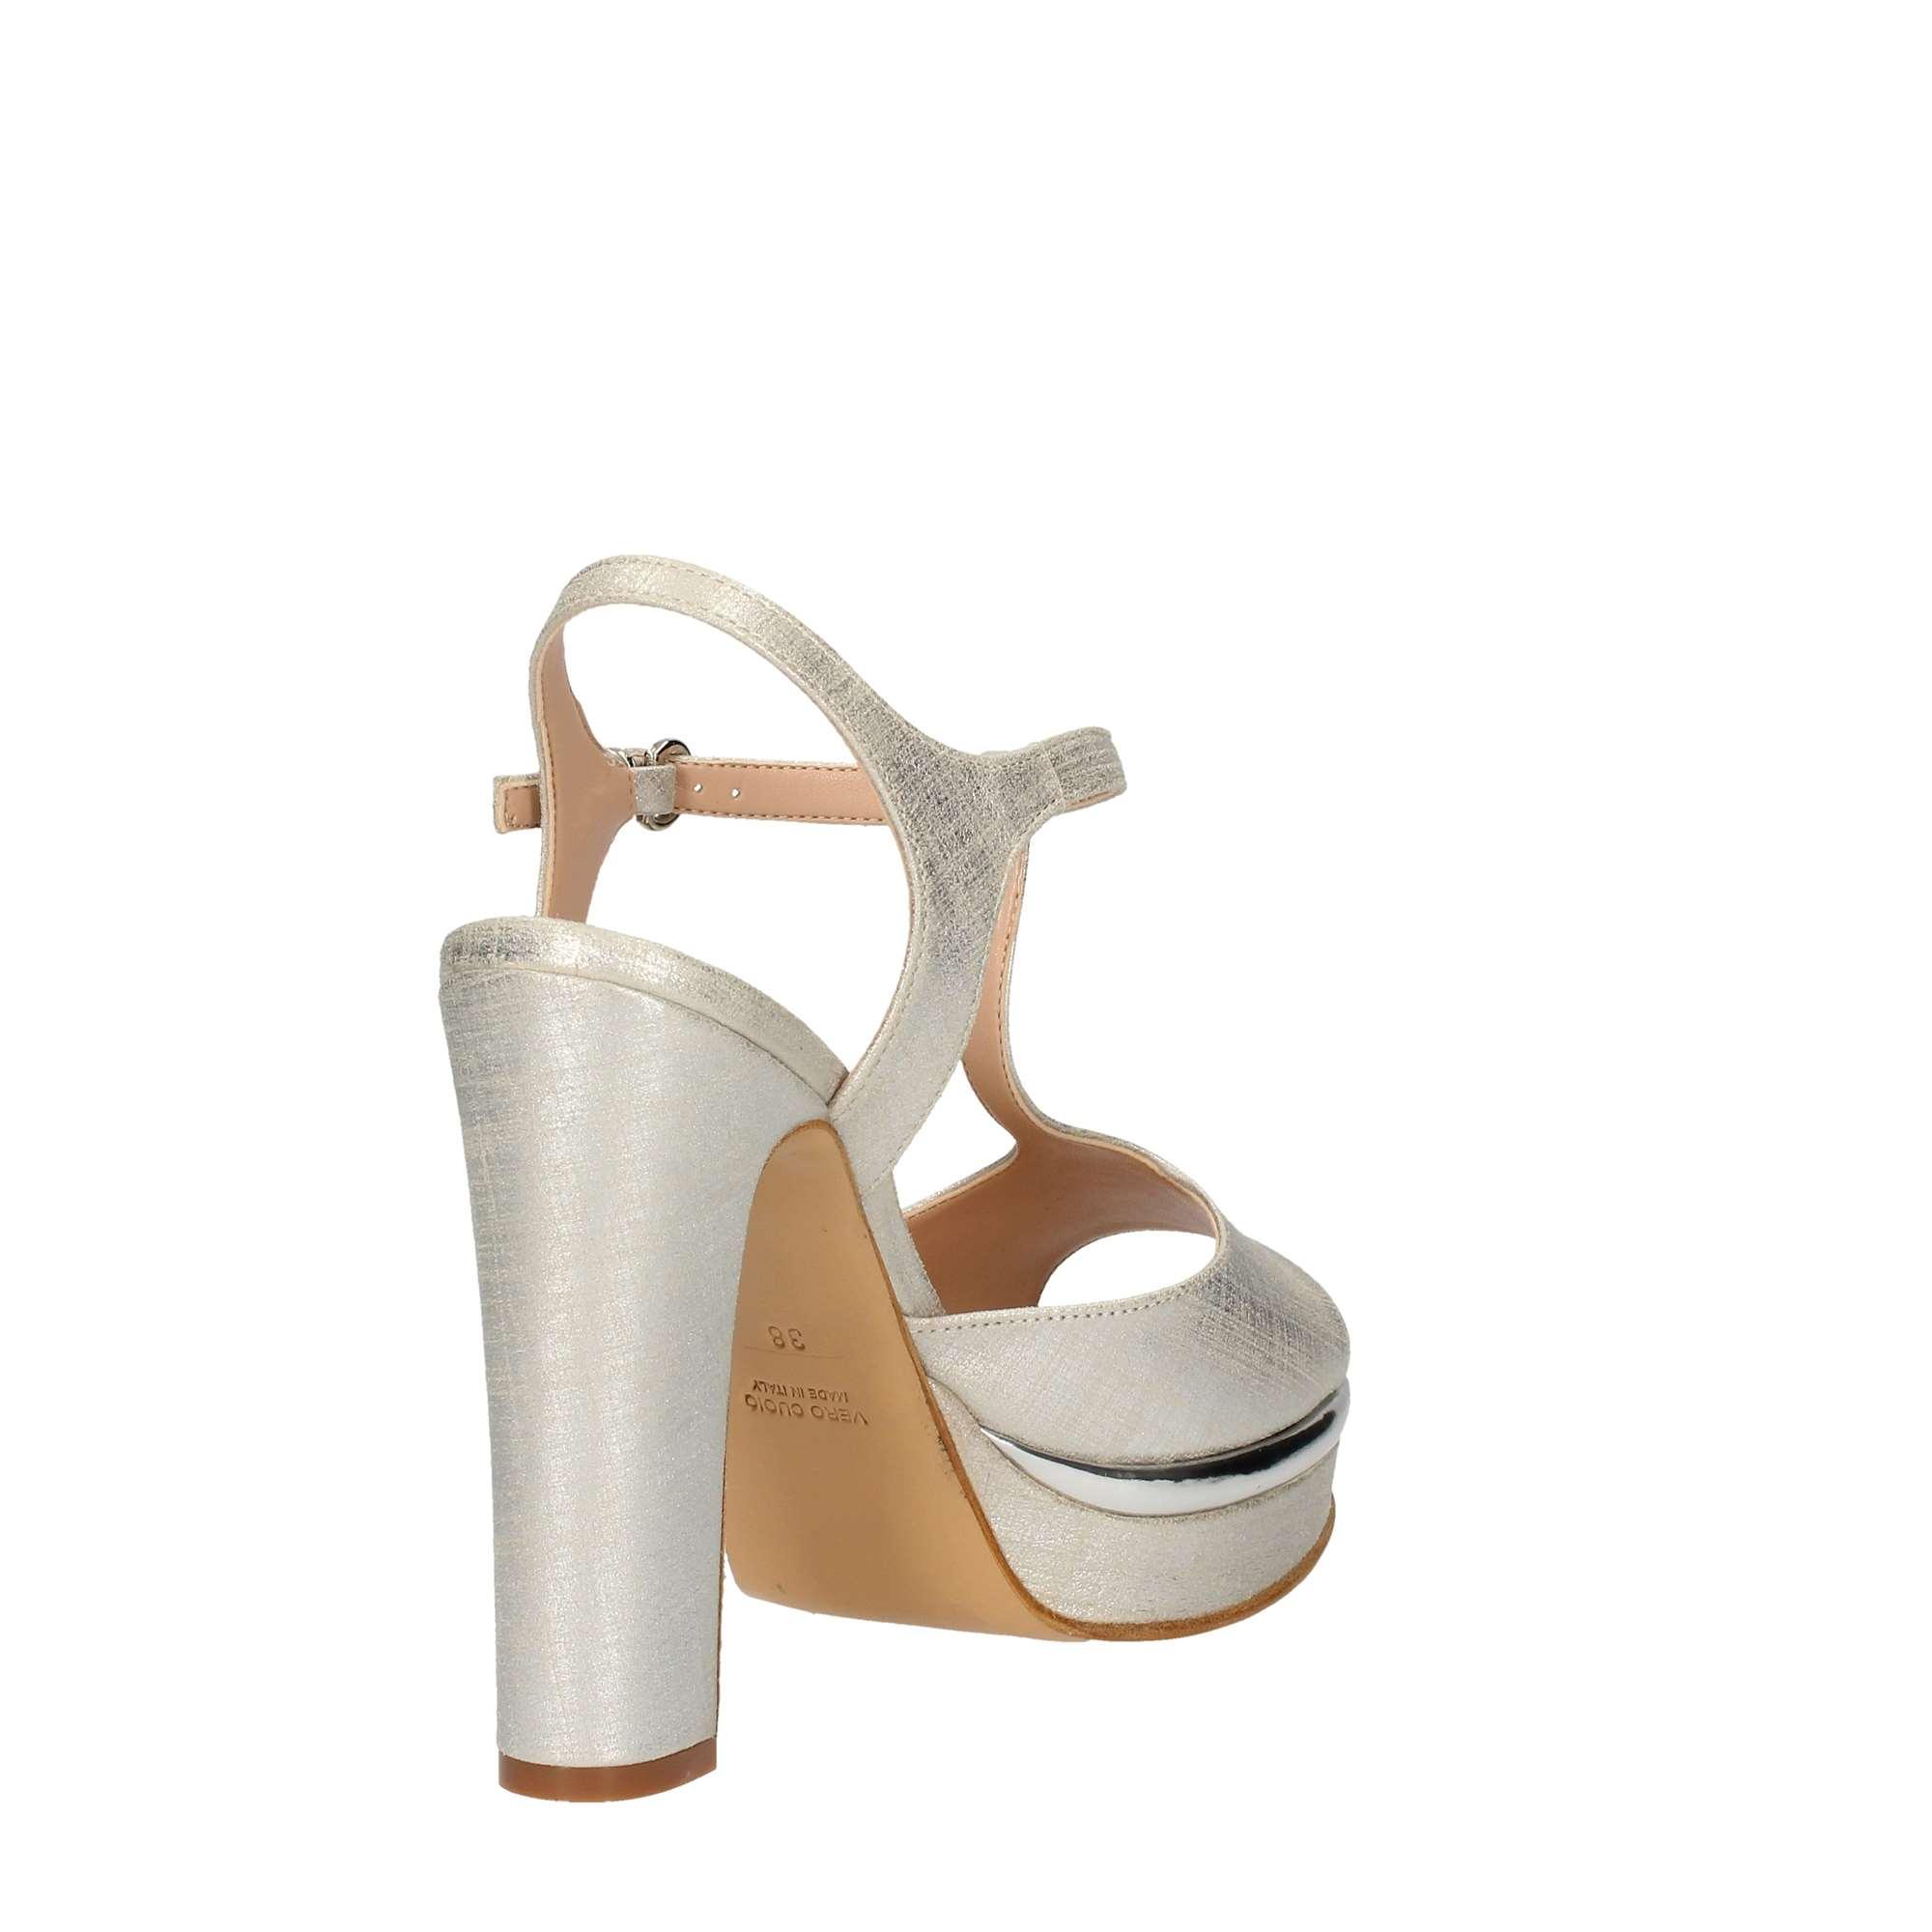 SANDALO Donna SILVANA 771 Primavera/Estate,Gli stivali da da da donna classici sono popolari, economici e hanno dimensioni d75701